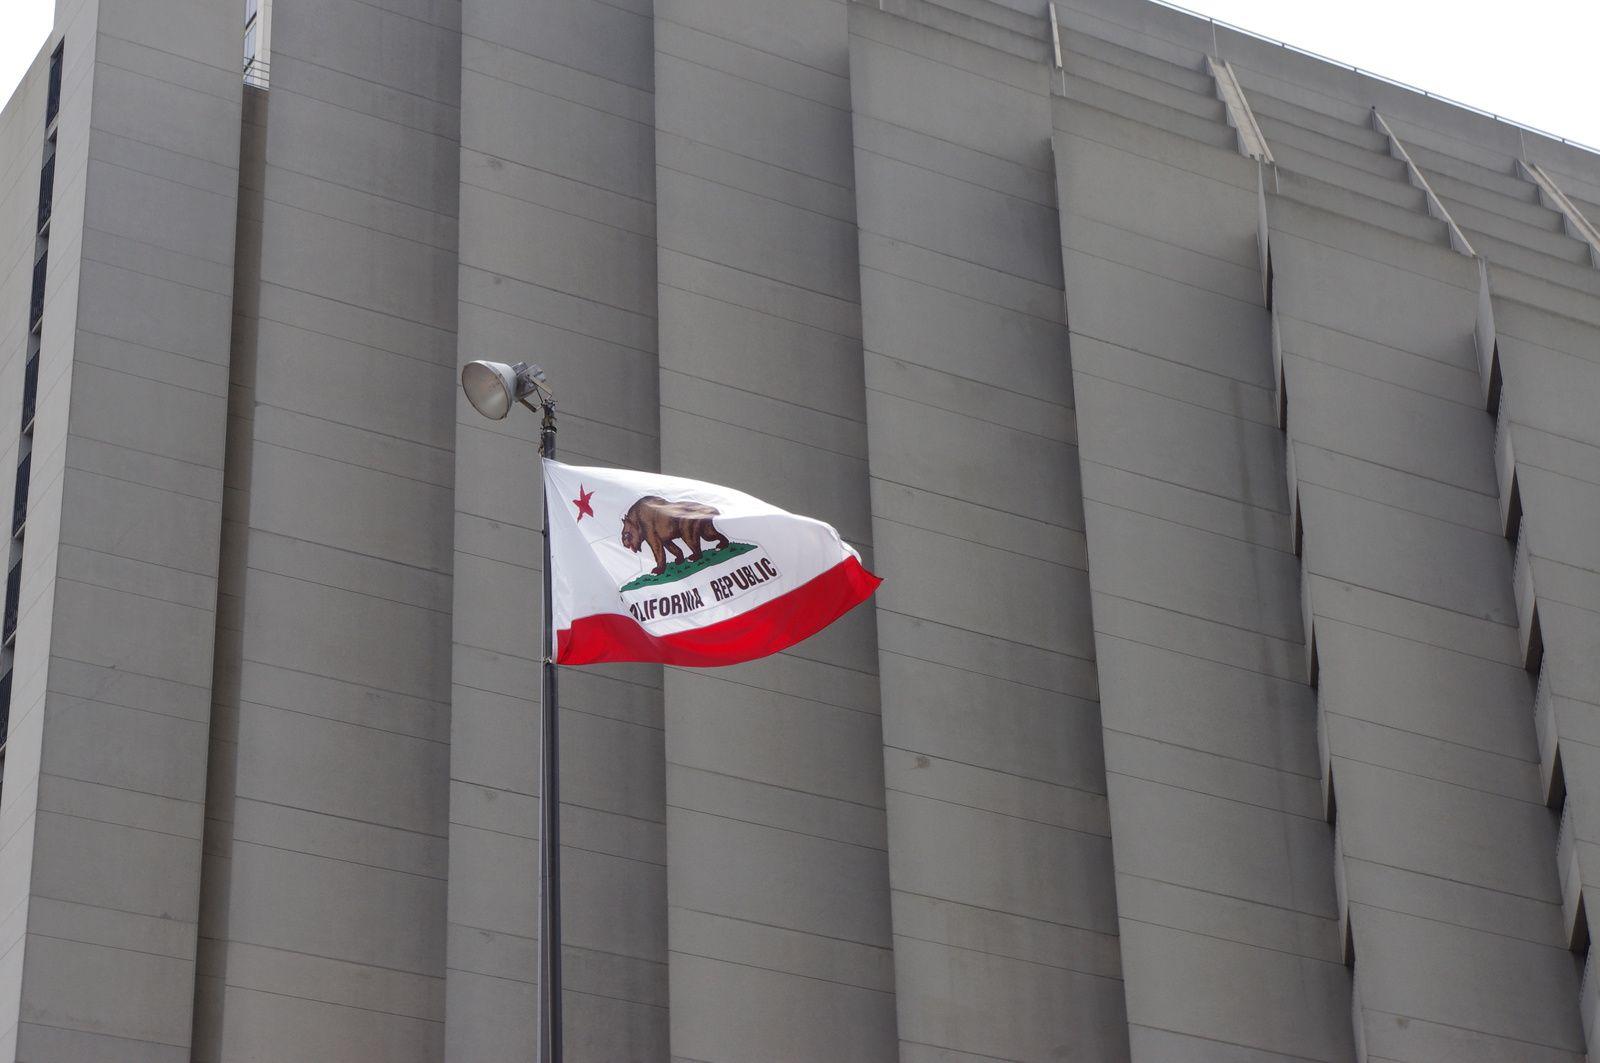 USA Road Trip - Jour 04/25 - San Francisco